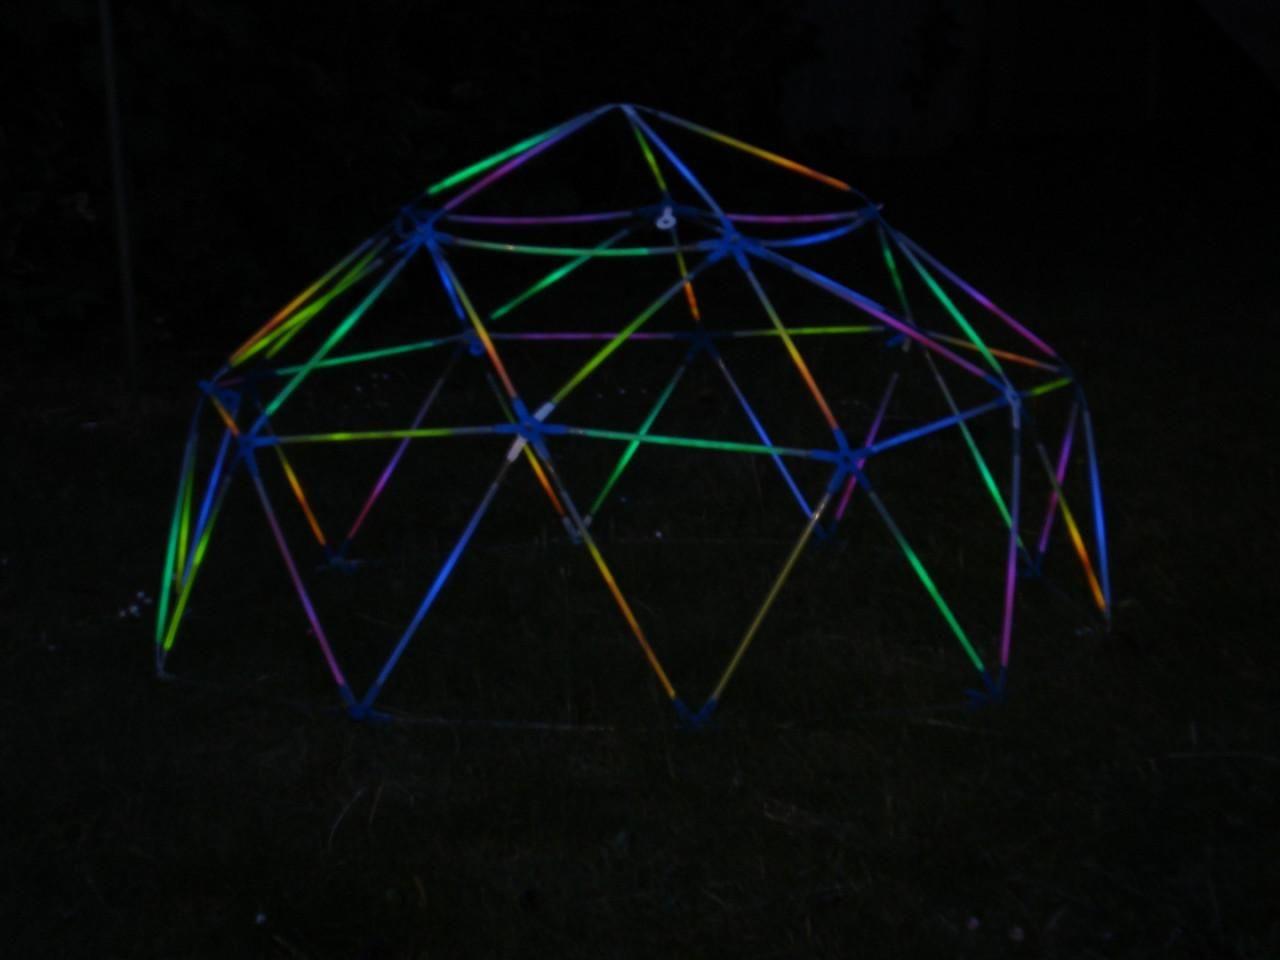 Geodätische Kuppel glühende geodätische kuppel mit strawbees geo kuppel selber machen